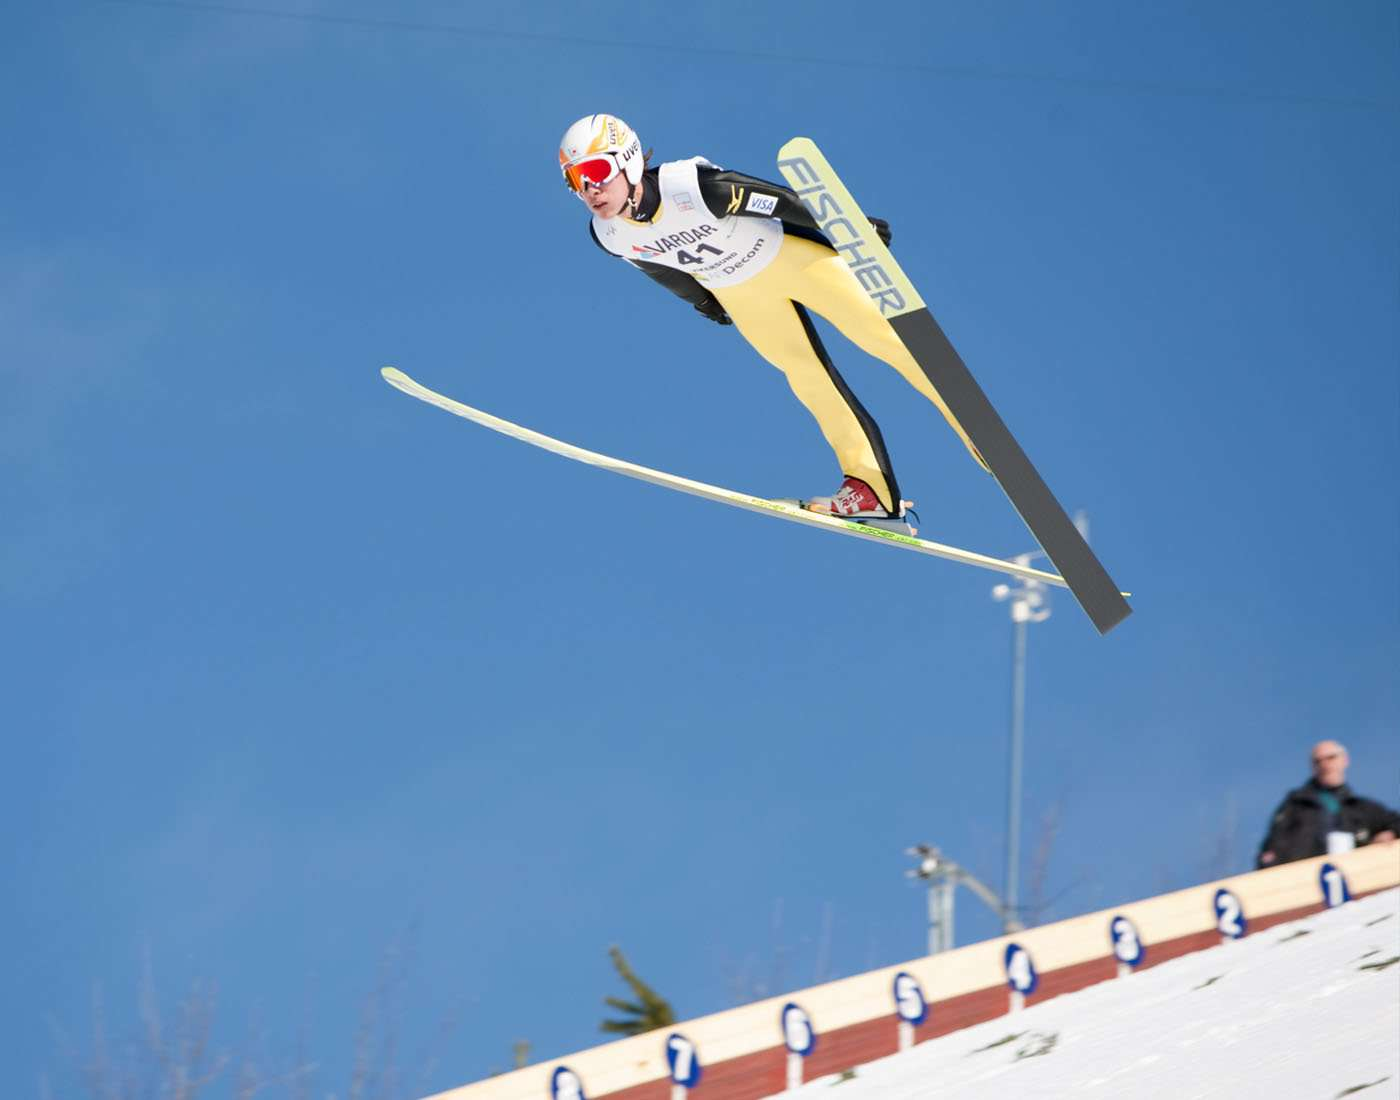 Ski Flying photos